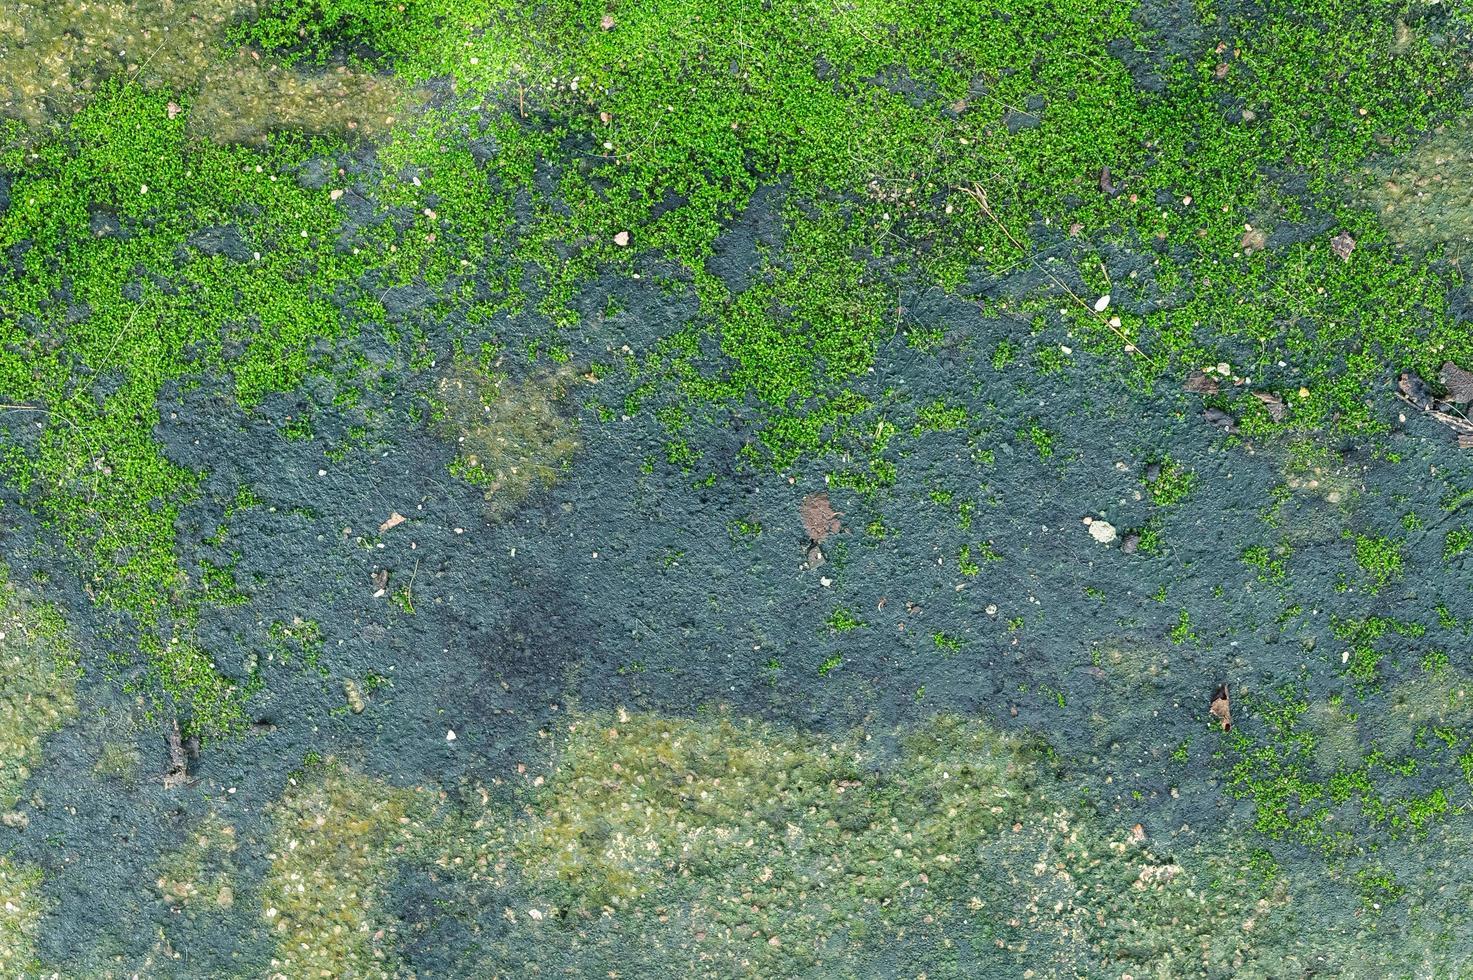 il muschio cresce sul pavimento di cemento. foto